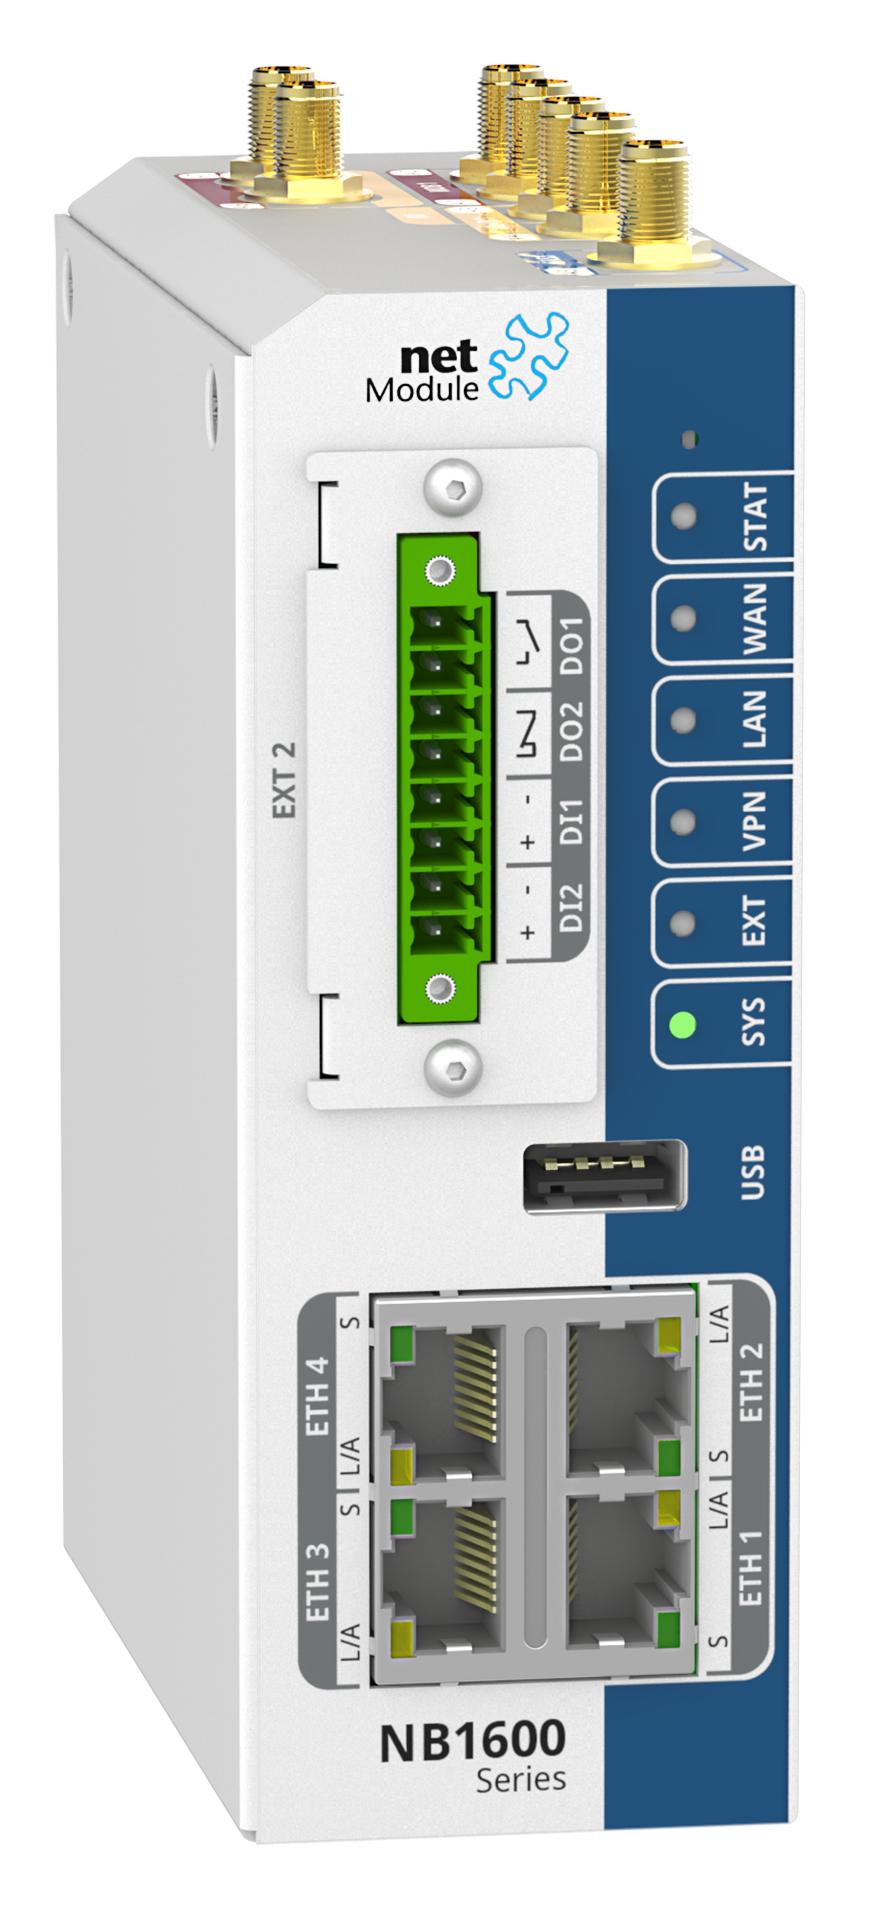 Robuster Router mit LTE, WLAN und 4 Ethernetports